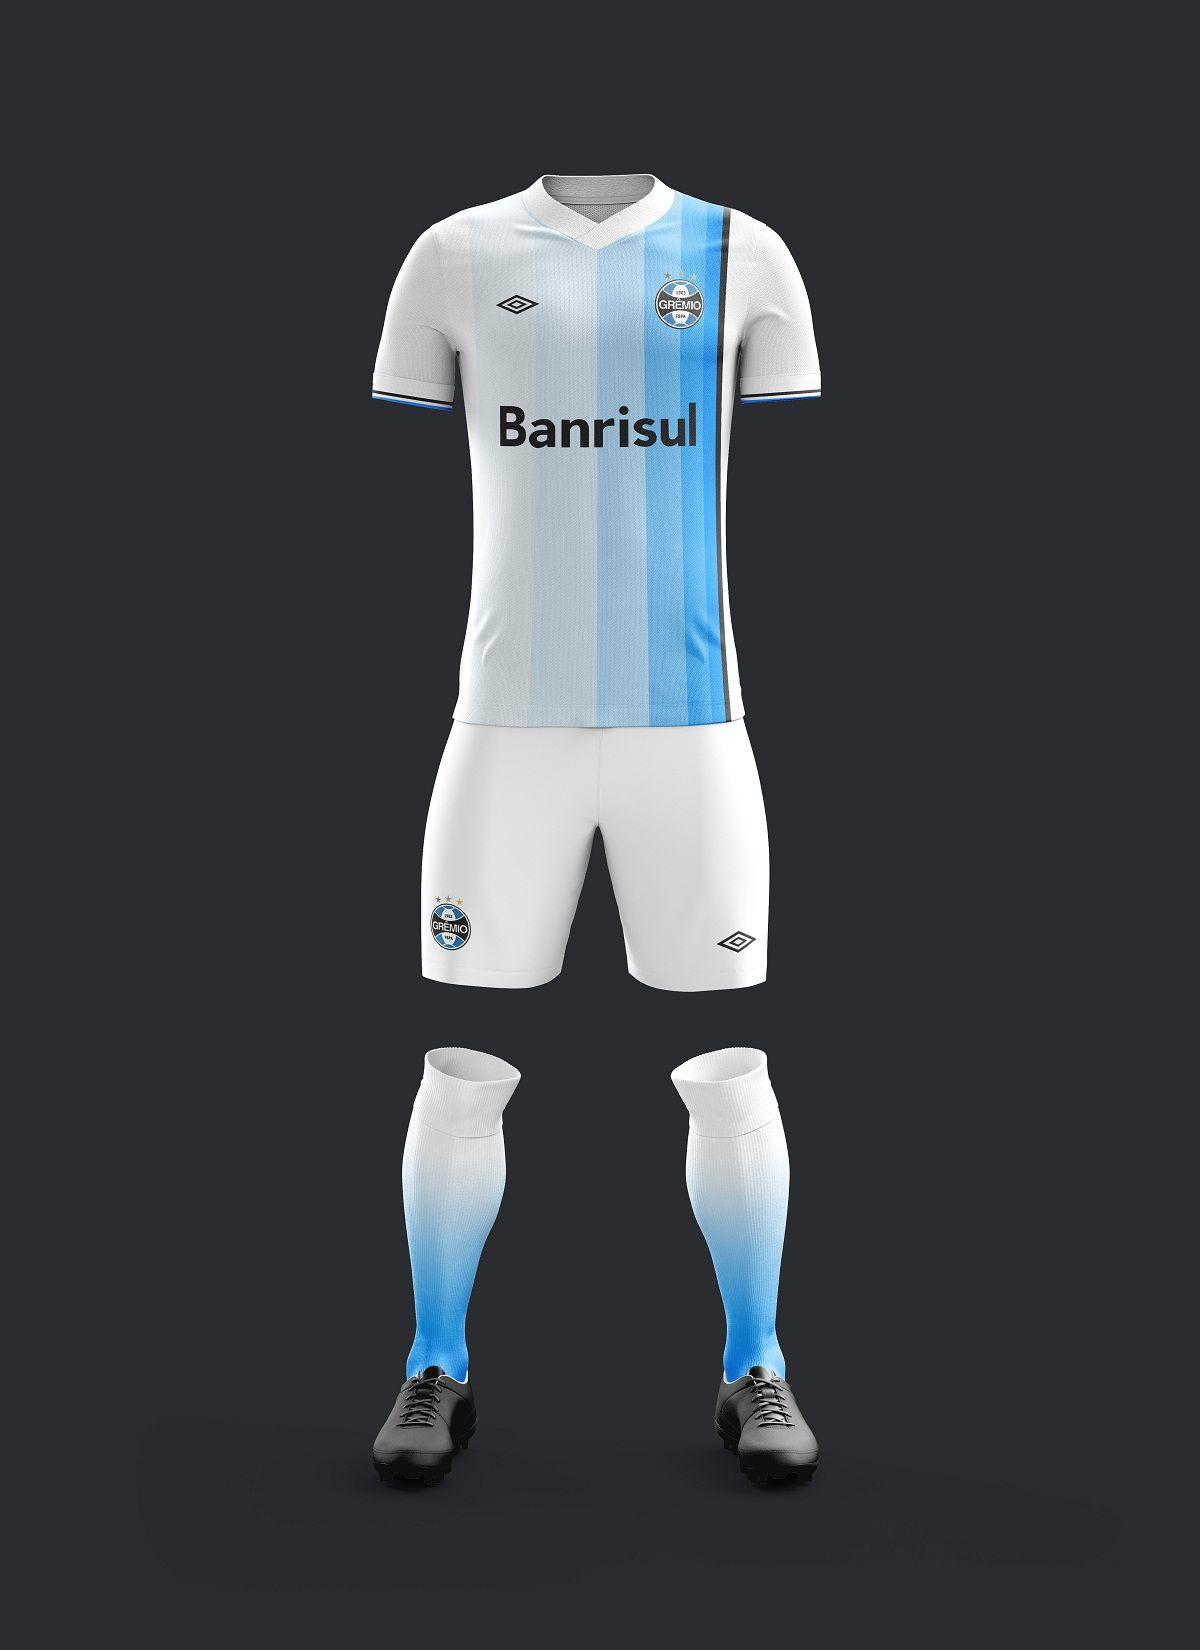 Mais modelos de camisa para o Grêmio - GremioAvalanche.com.br - Grêmio FBPA db23da282dd0d